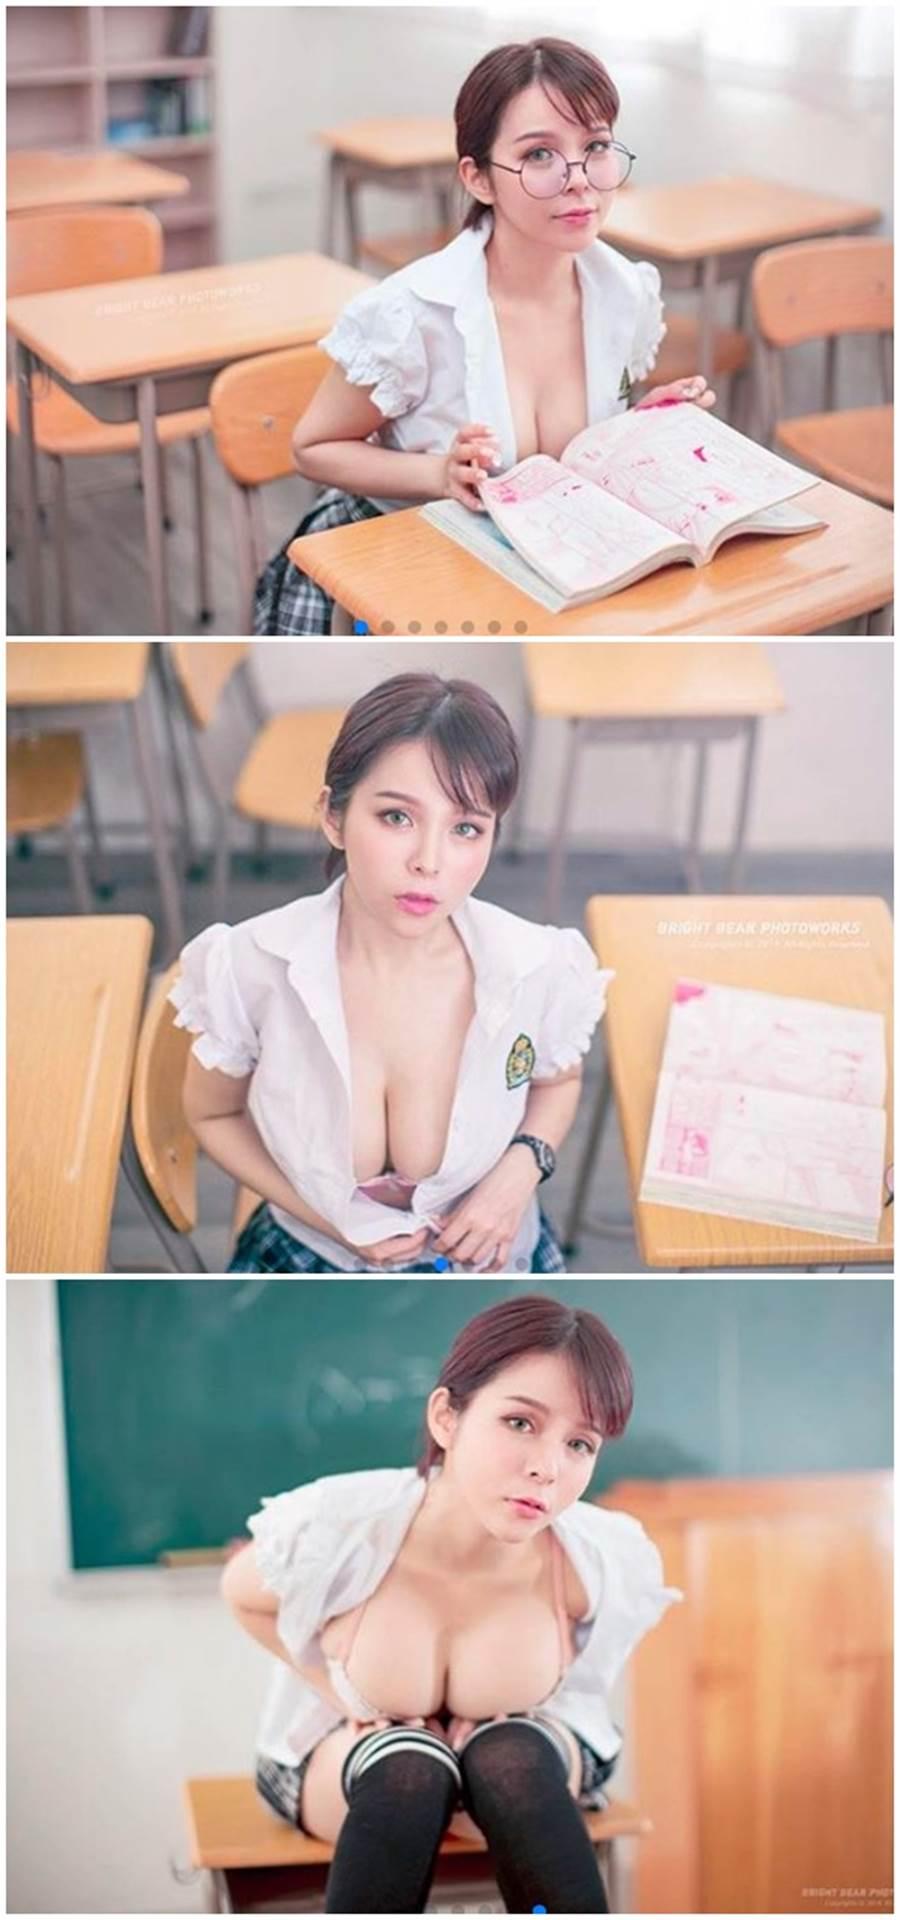 制服的诱惑!她羞问「来当我的同学好吗」。(图/翻摄自陈香菱IG)